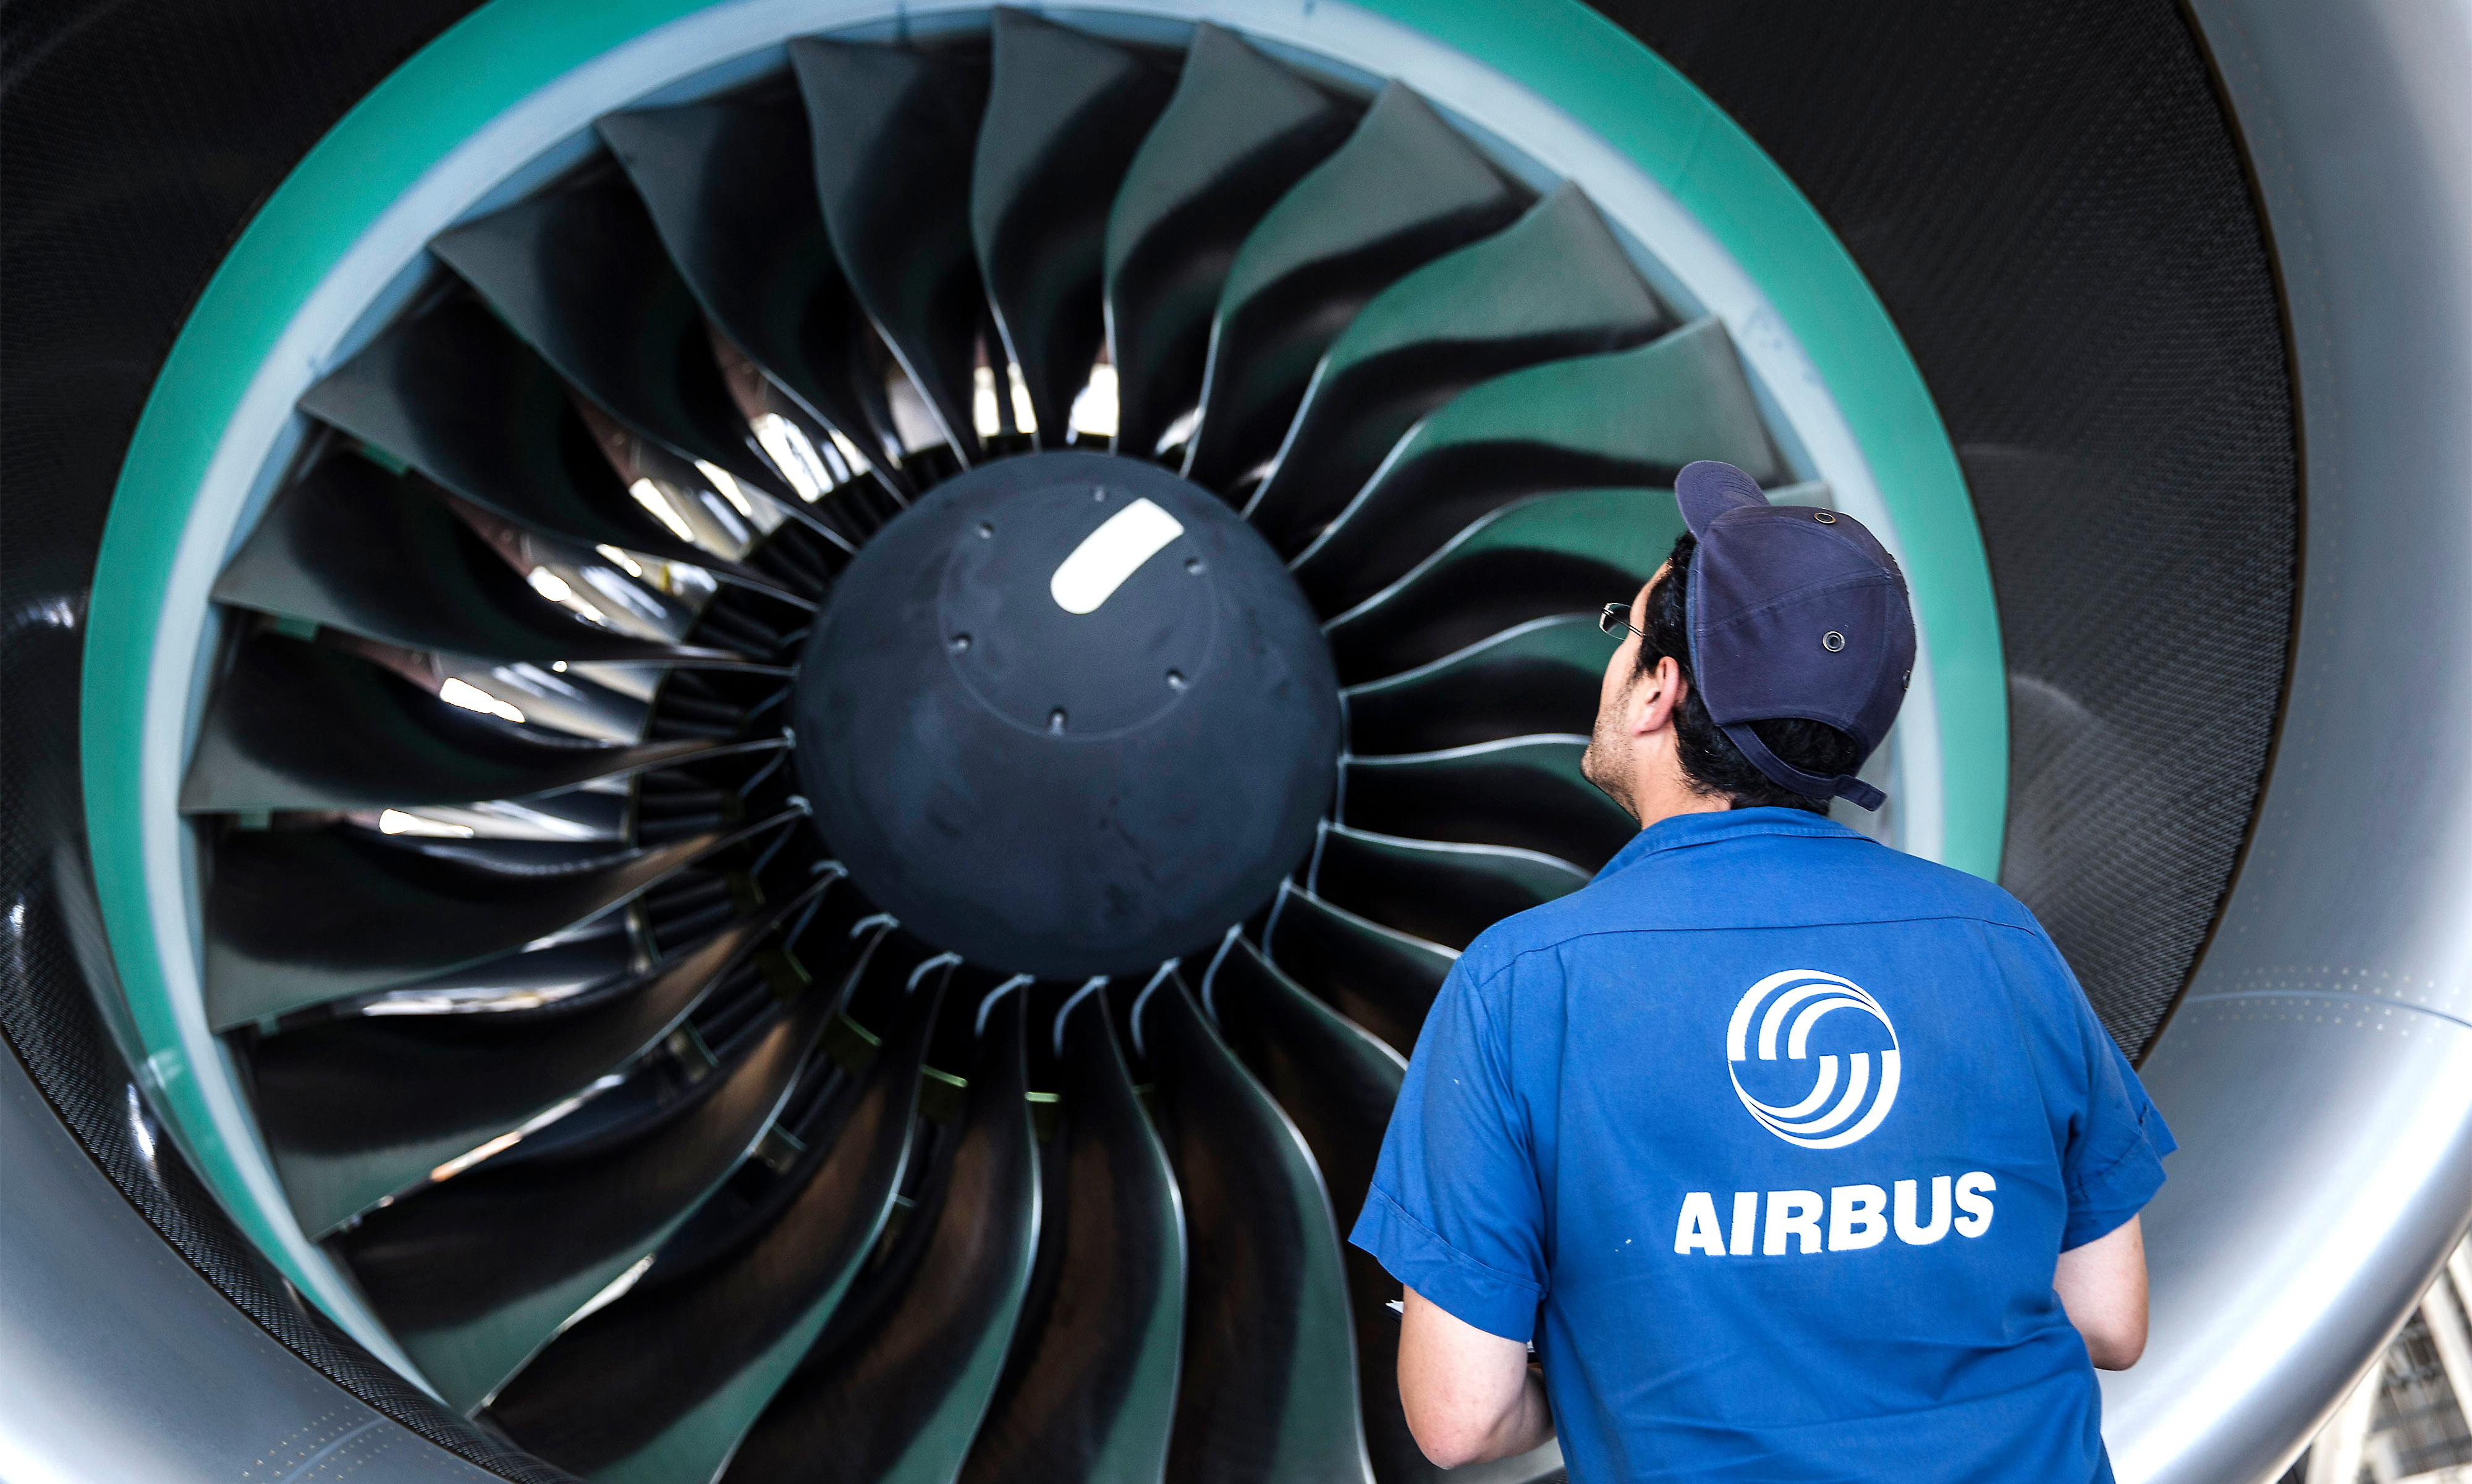 Record bribery fine fuels Airbus loss of €1.4bn